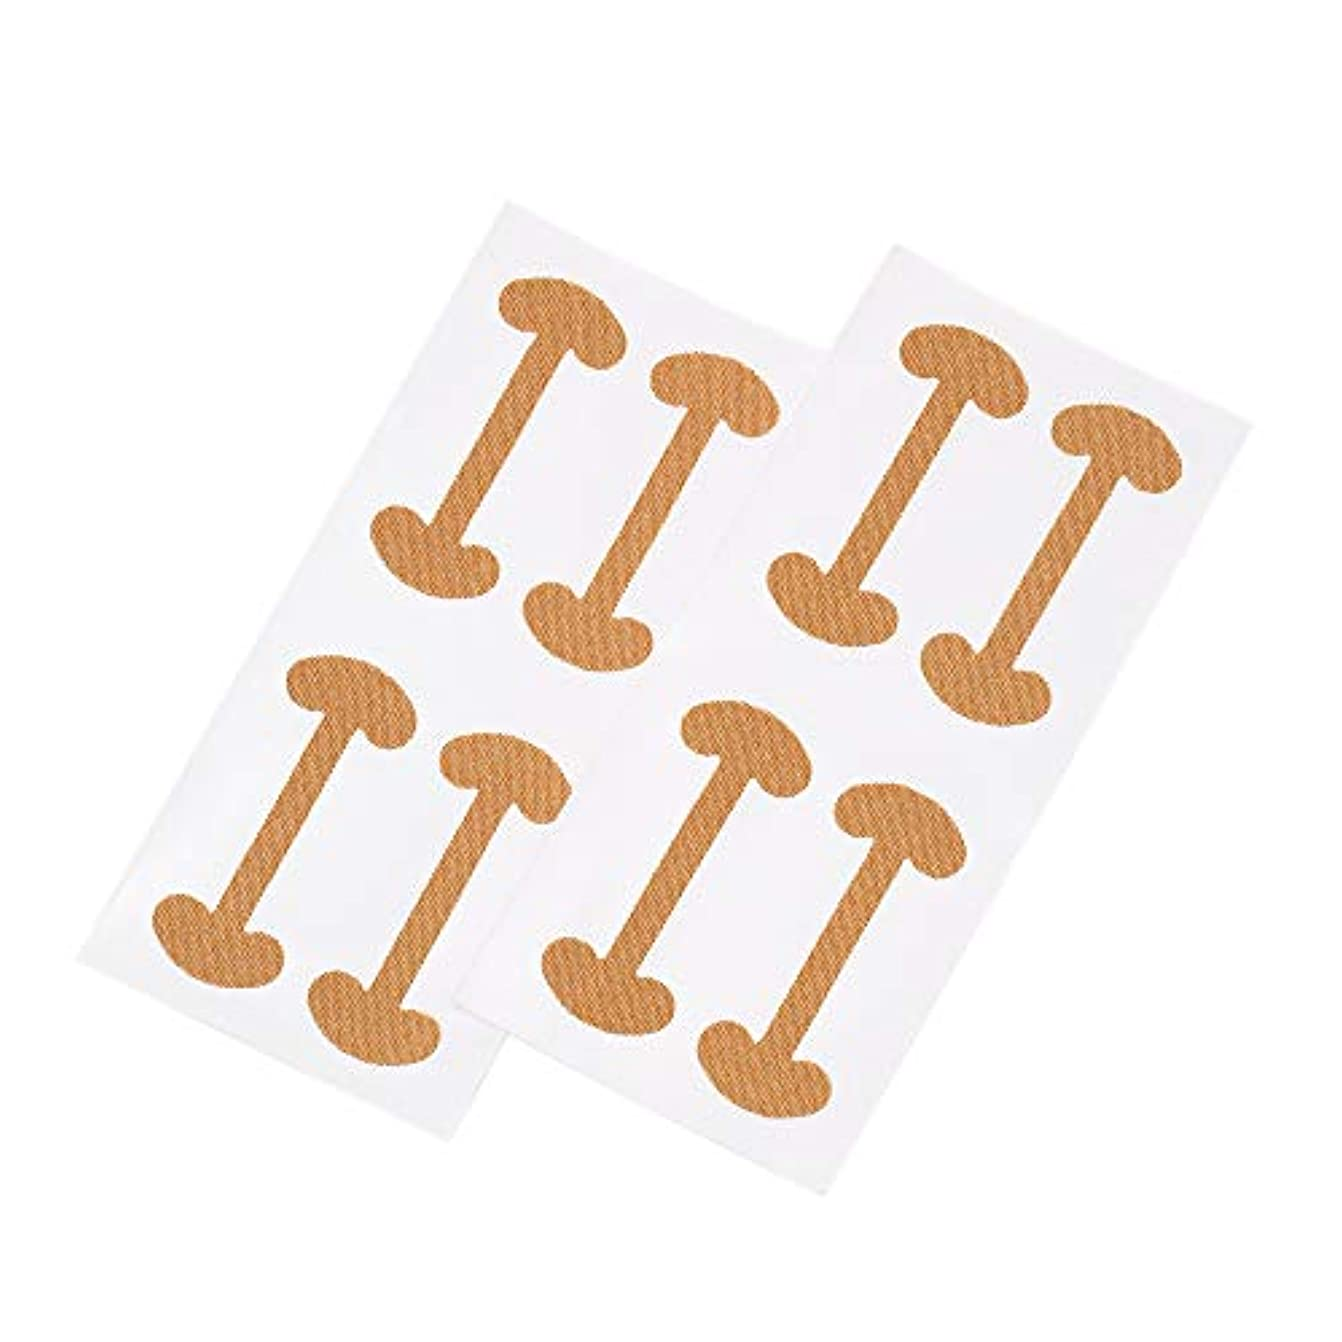 経由で訴えるアカウントDecdeal 8ピース 巻き爪 ケアテープ まきずめ 矯正 巻きヅメ 矯正 爪の治療 爪の矯正パッチ 爪リフタ